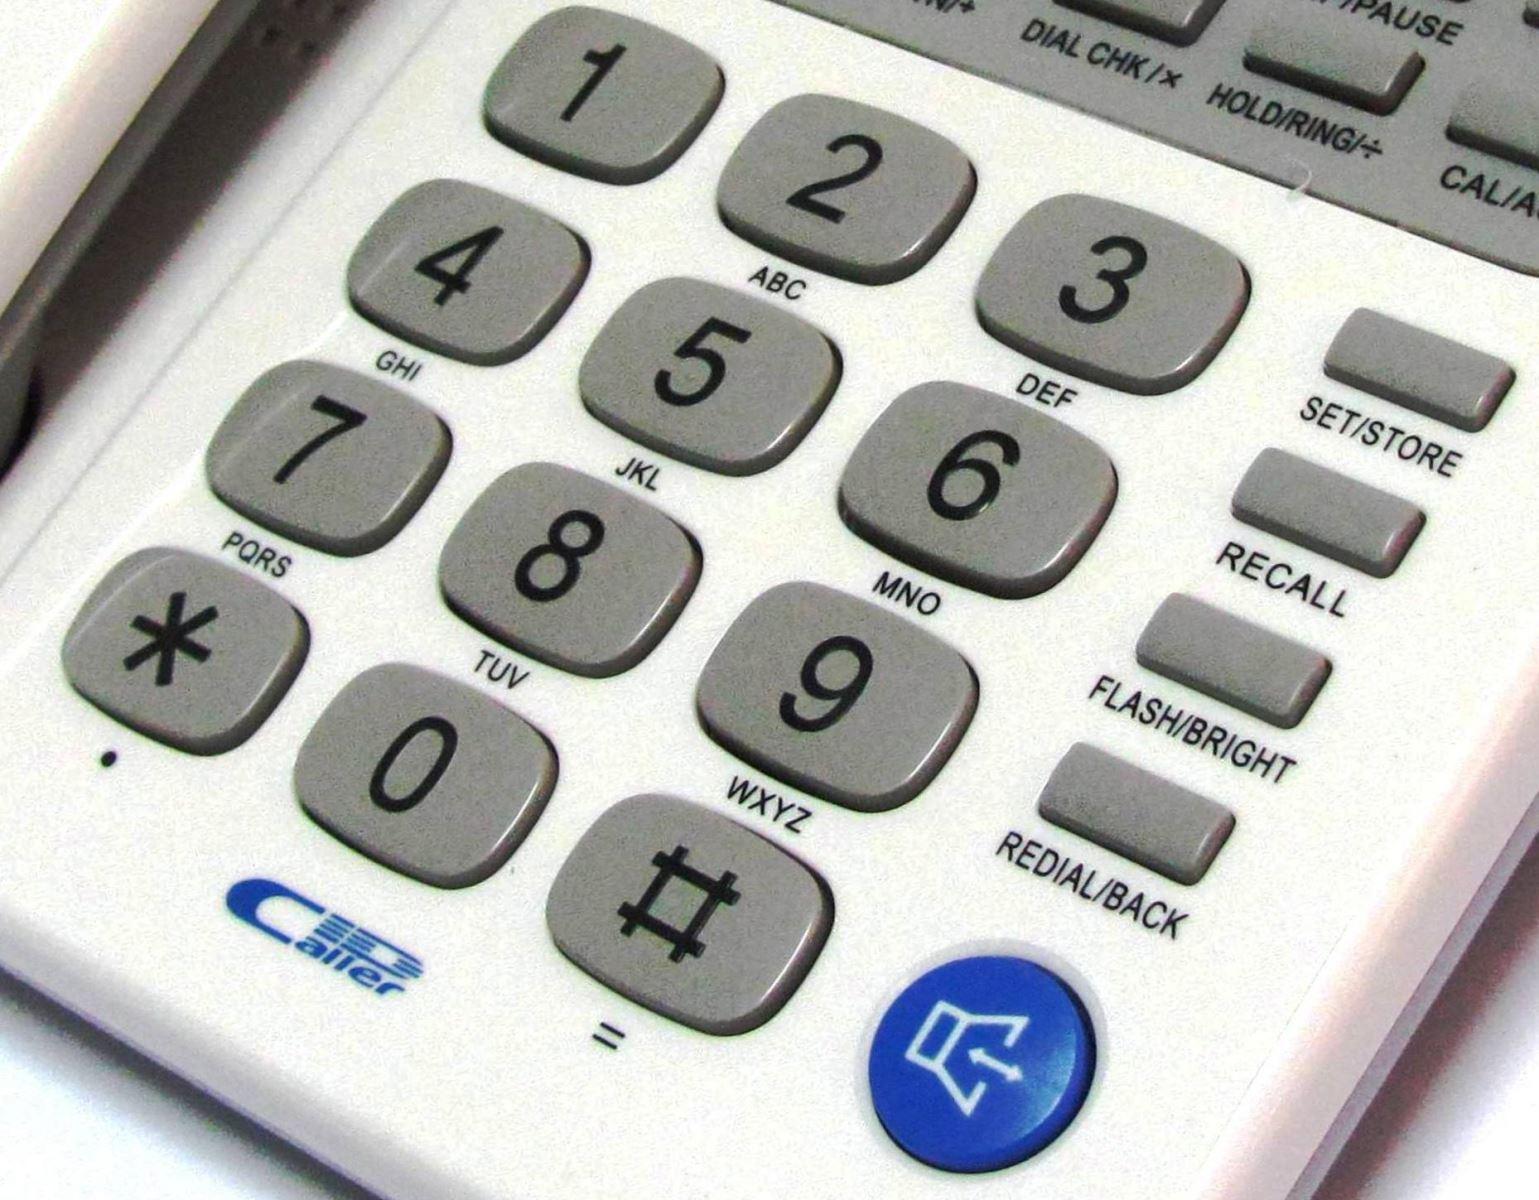 Các phím chức năng điện thoại Panasonic KX-TSC-92CID